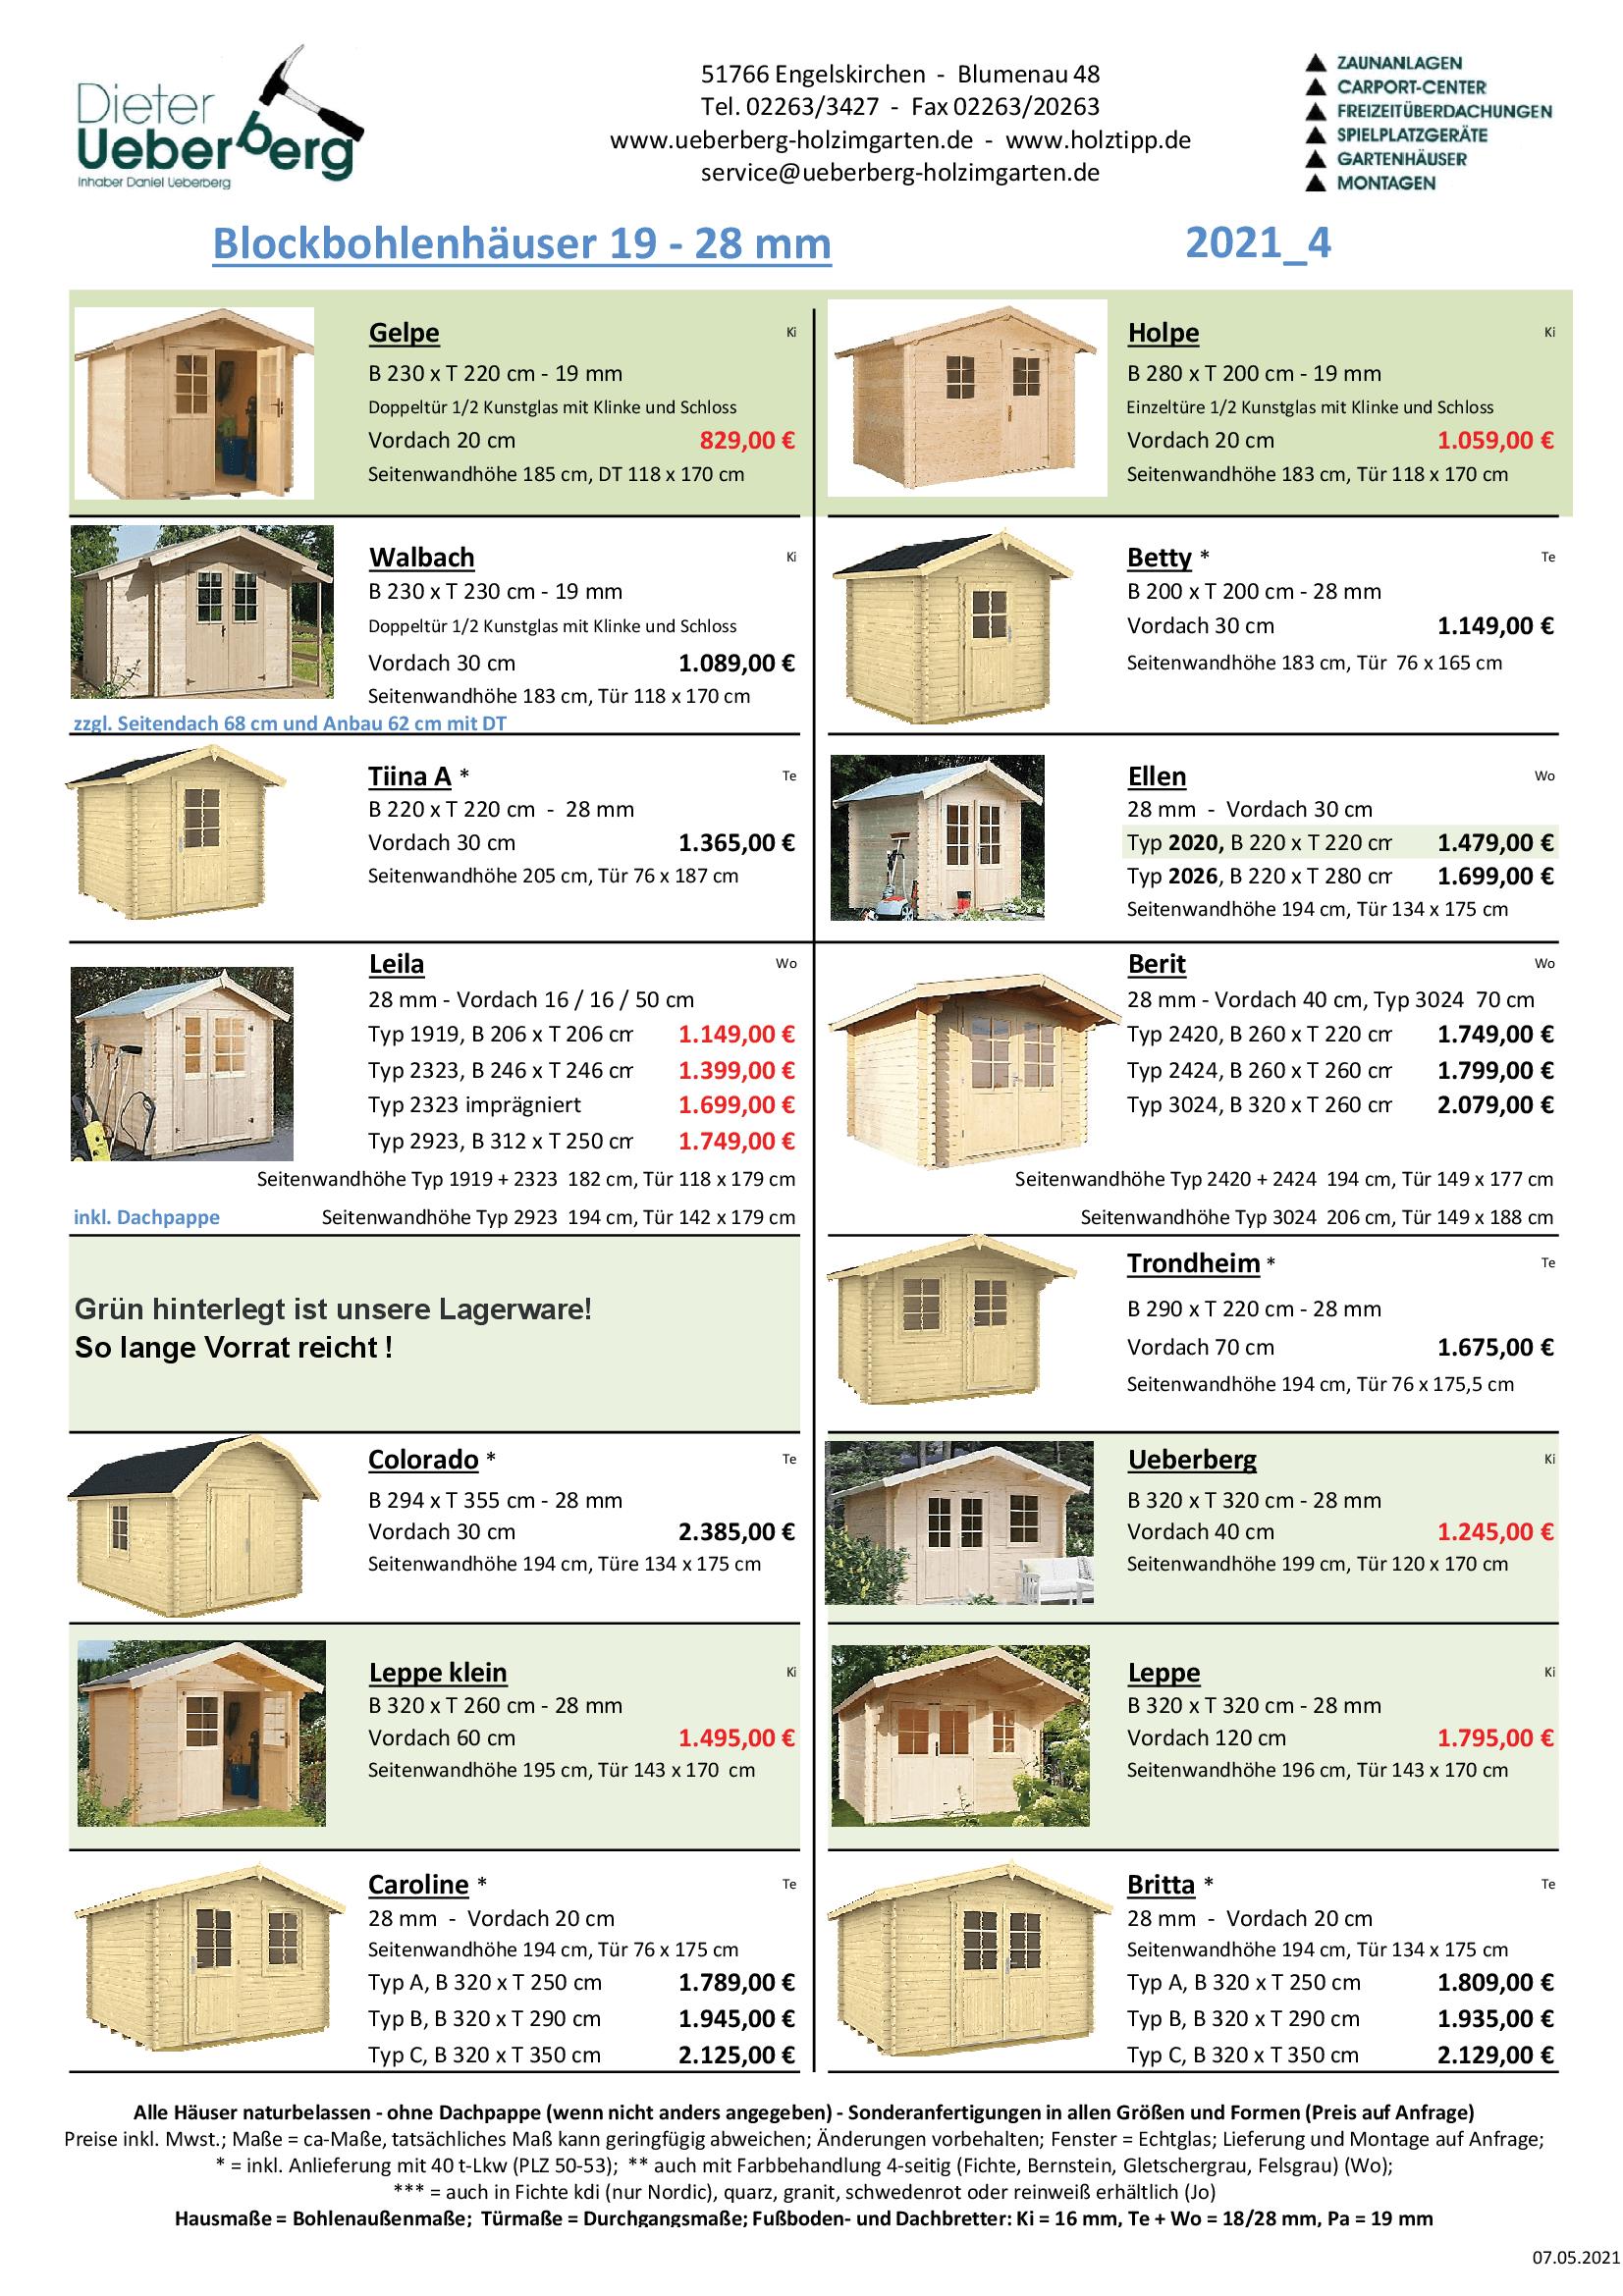 Garten- und Gerätehäuser Ueberberg 2021_4